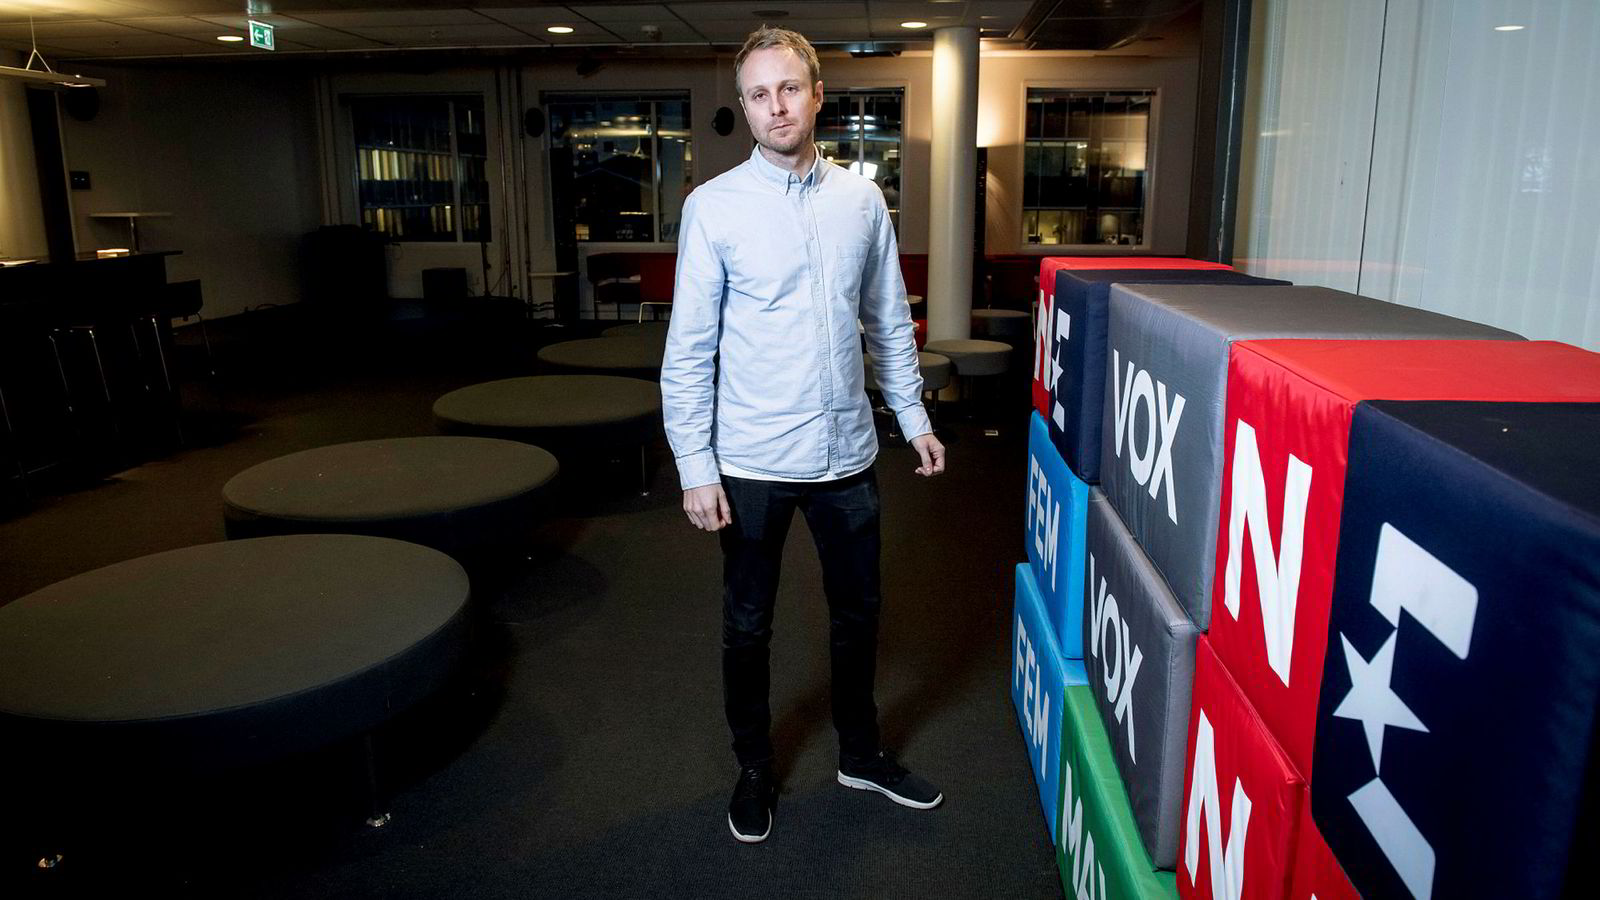 Kommunikasjonsdirektør Espen Skoland og Discovery kjemper mot regjeringens nye lovforslag, som kan bety slutten på de lukrative reklameinntektene fra utenlandske spillselskaper.